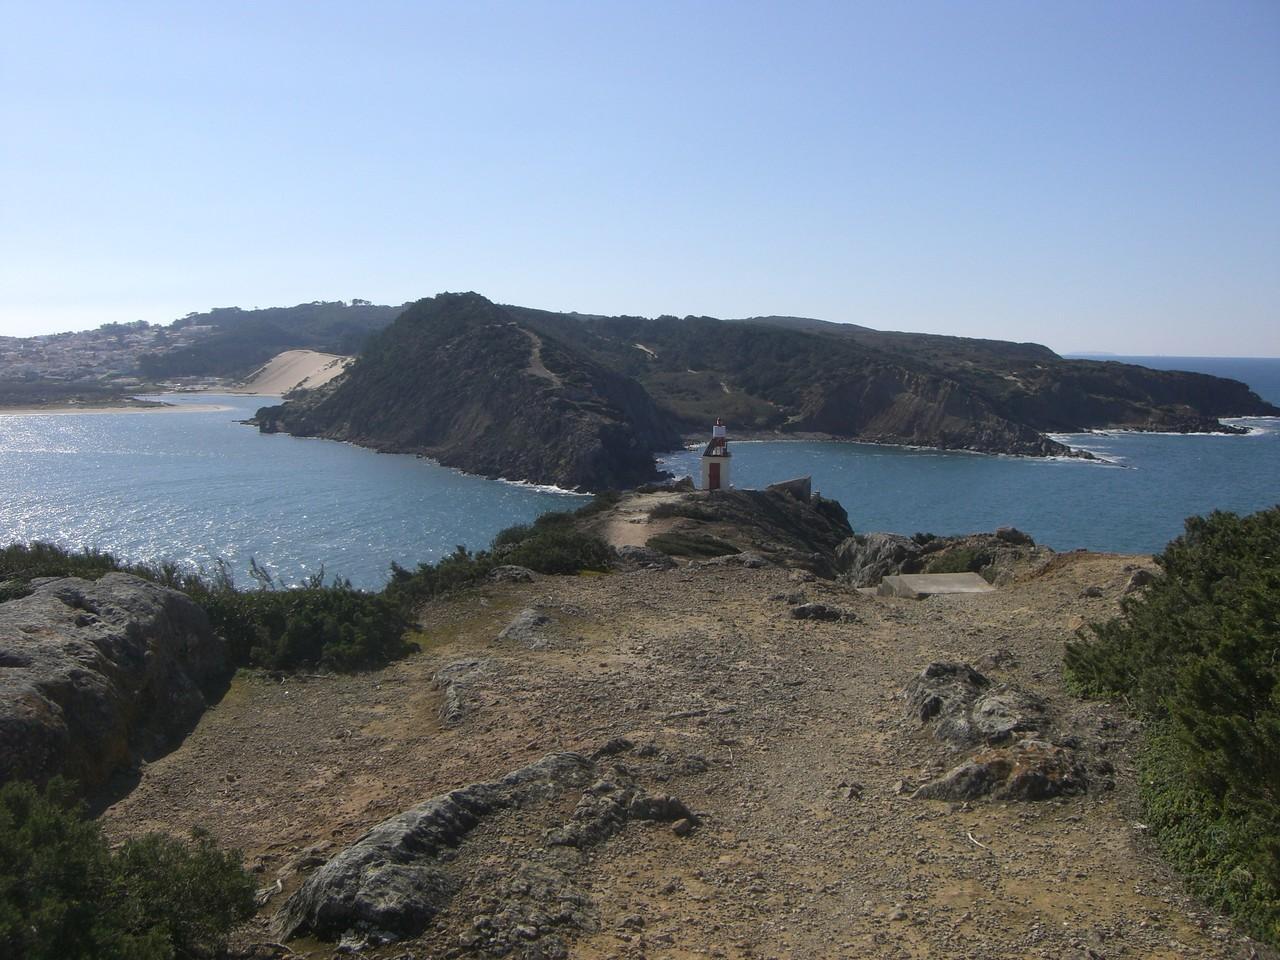 Die Meerenge, die die ruhige Bucht von Sao Martinho do Porto vom Atlantik trennt.